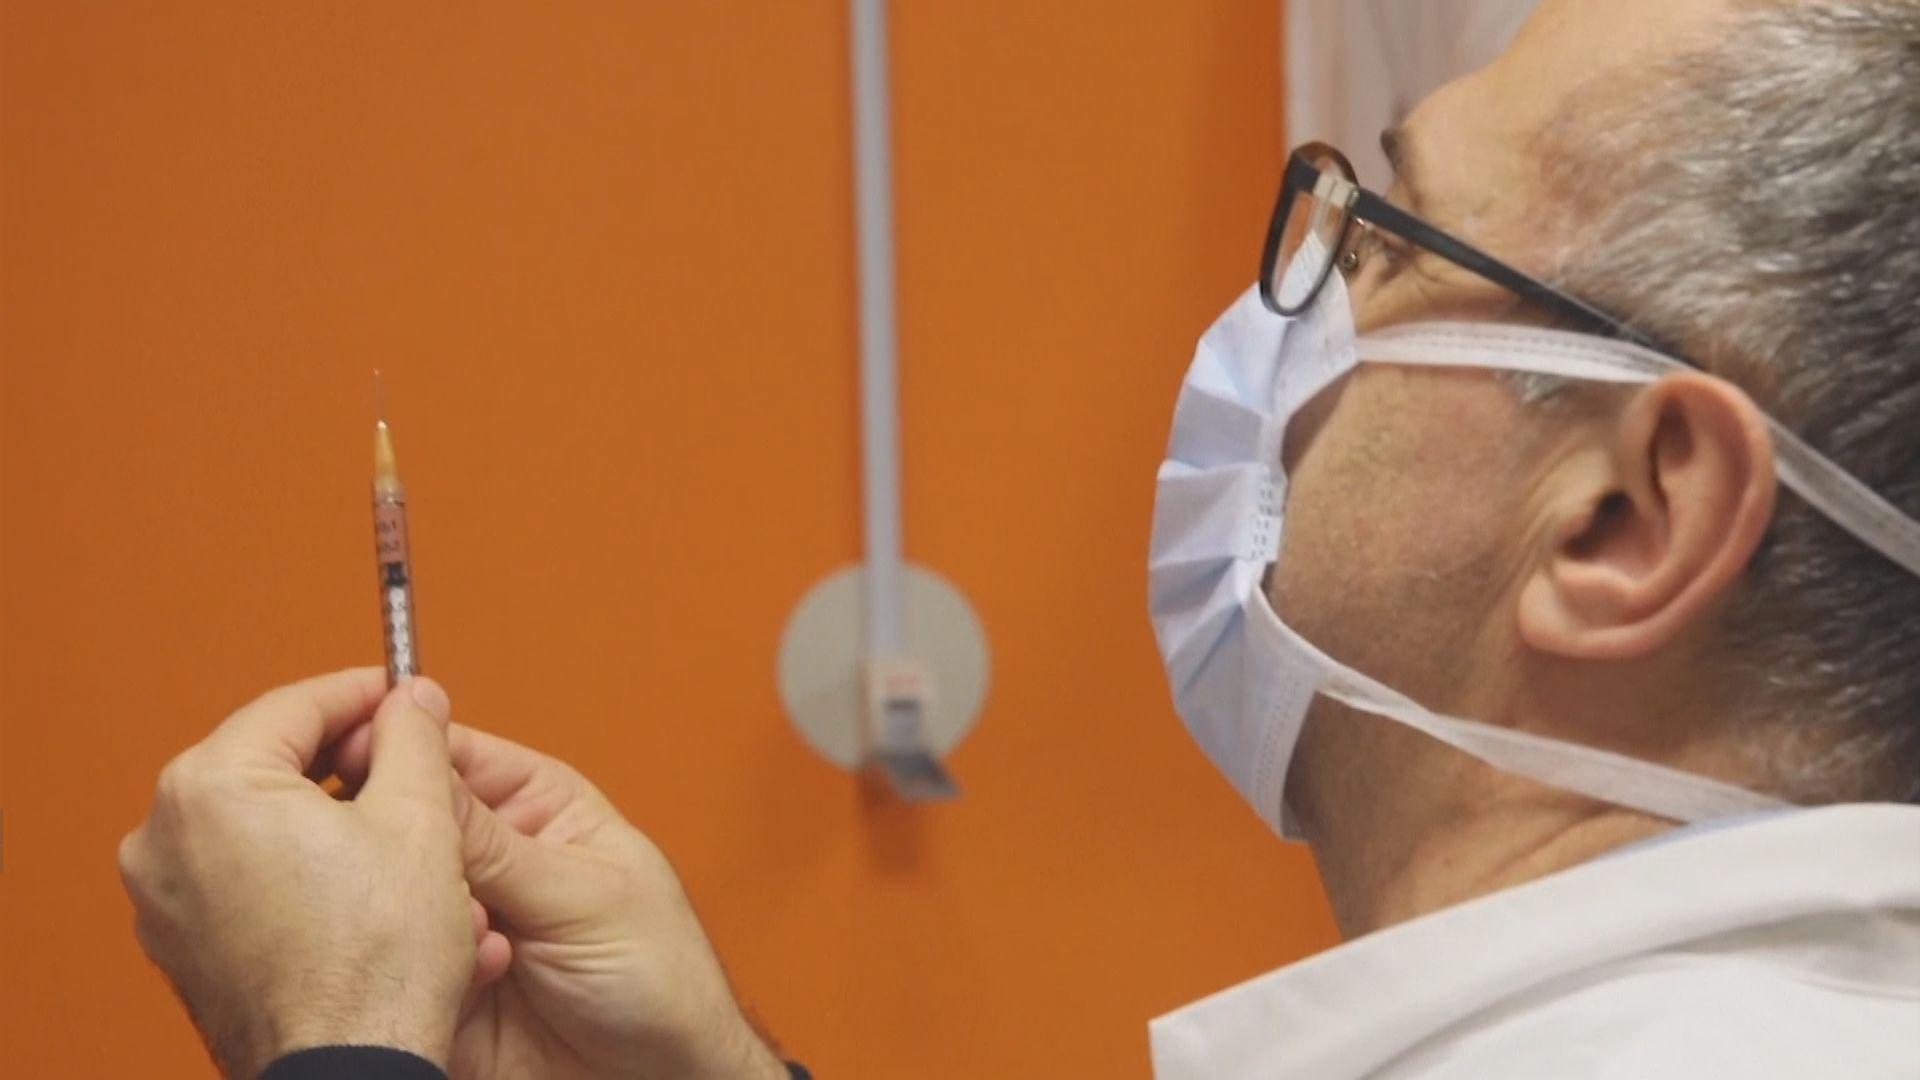 法國接種新冠疫苗進度嚴重落後 政府承諾簡化程序